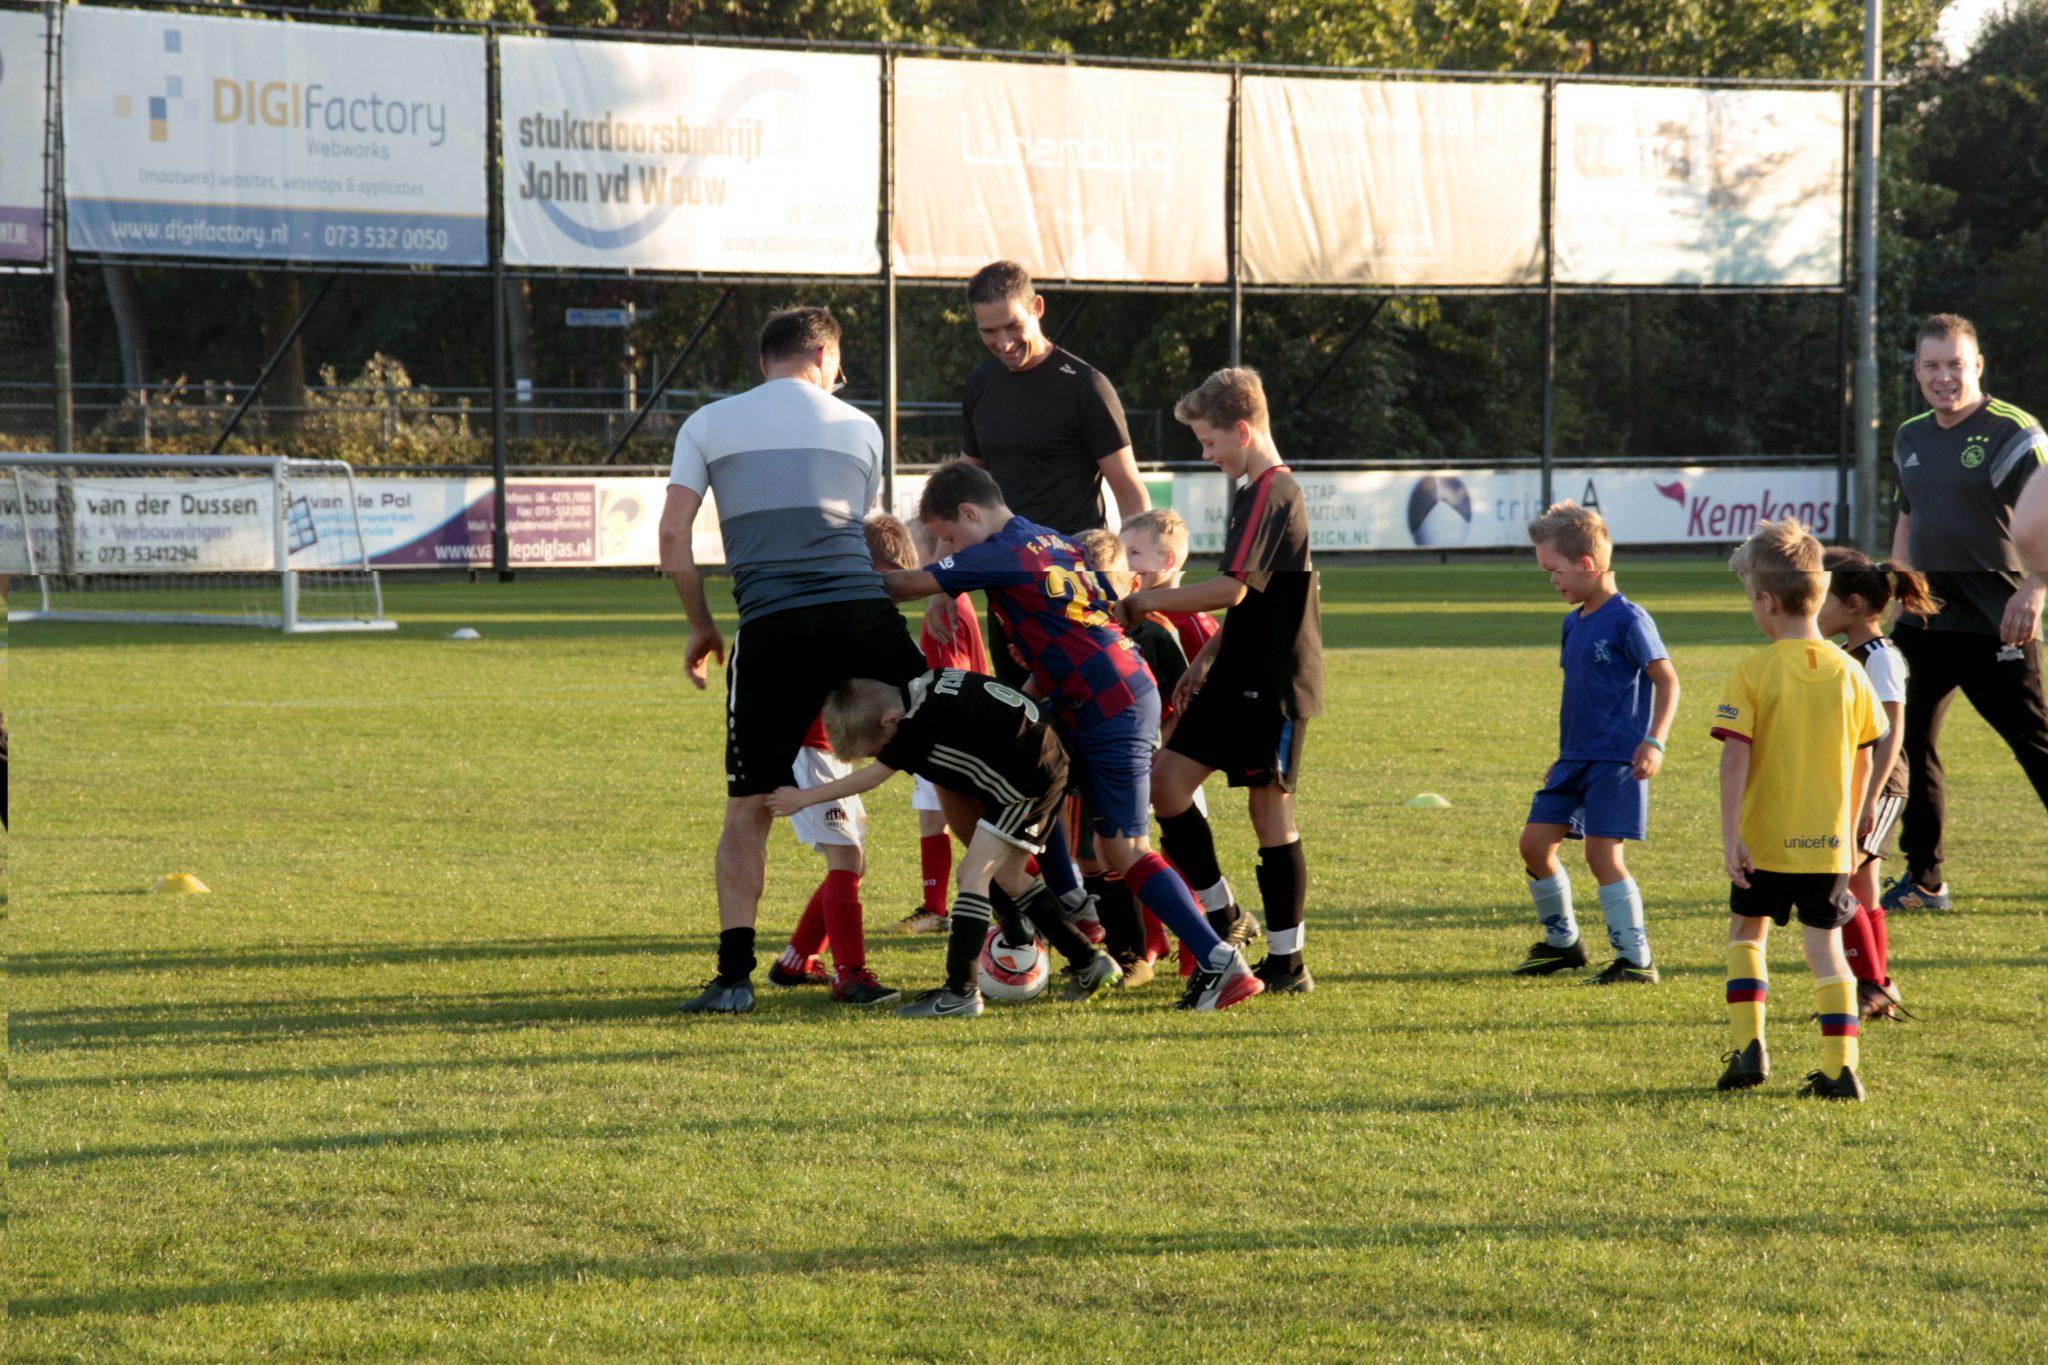 Fotoverslag Ouder-Kind voetbal